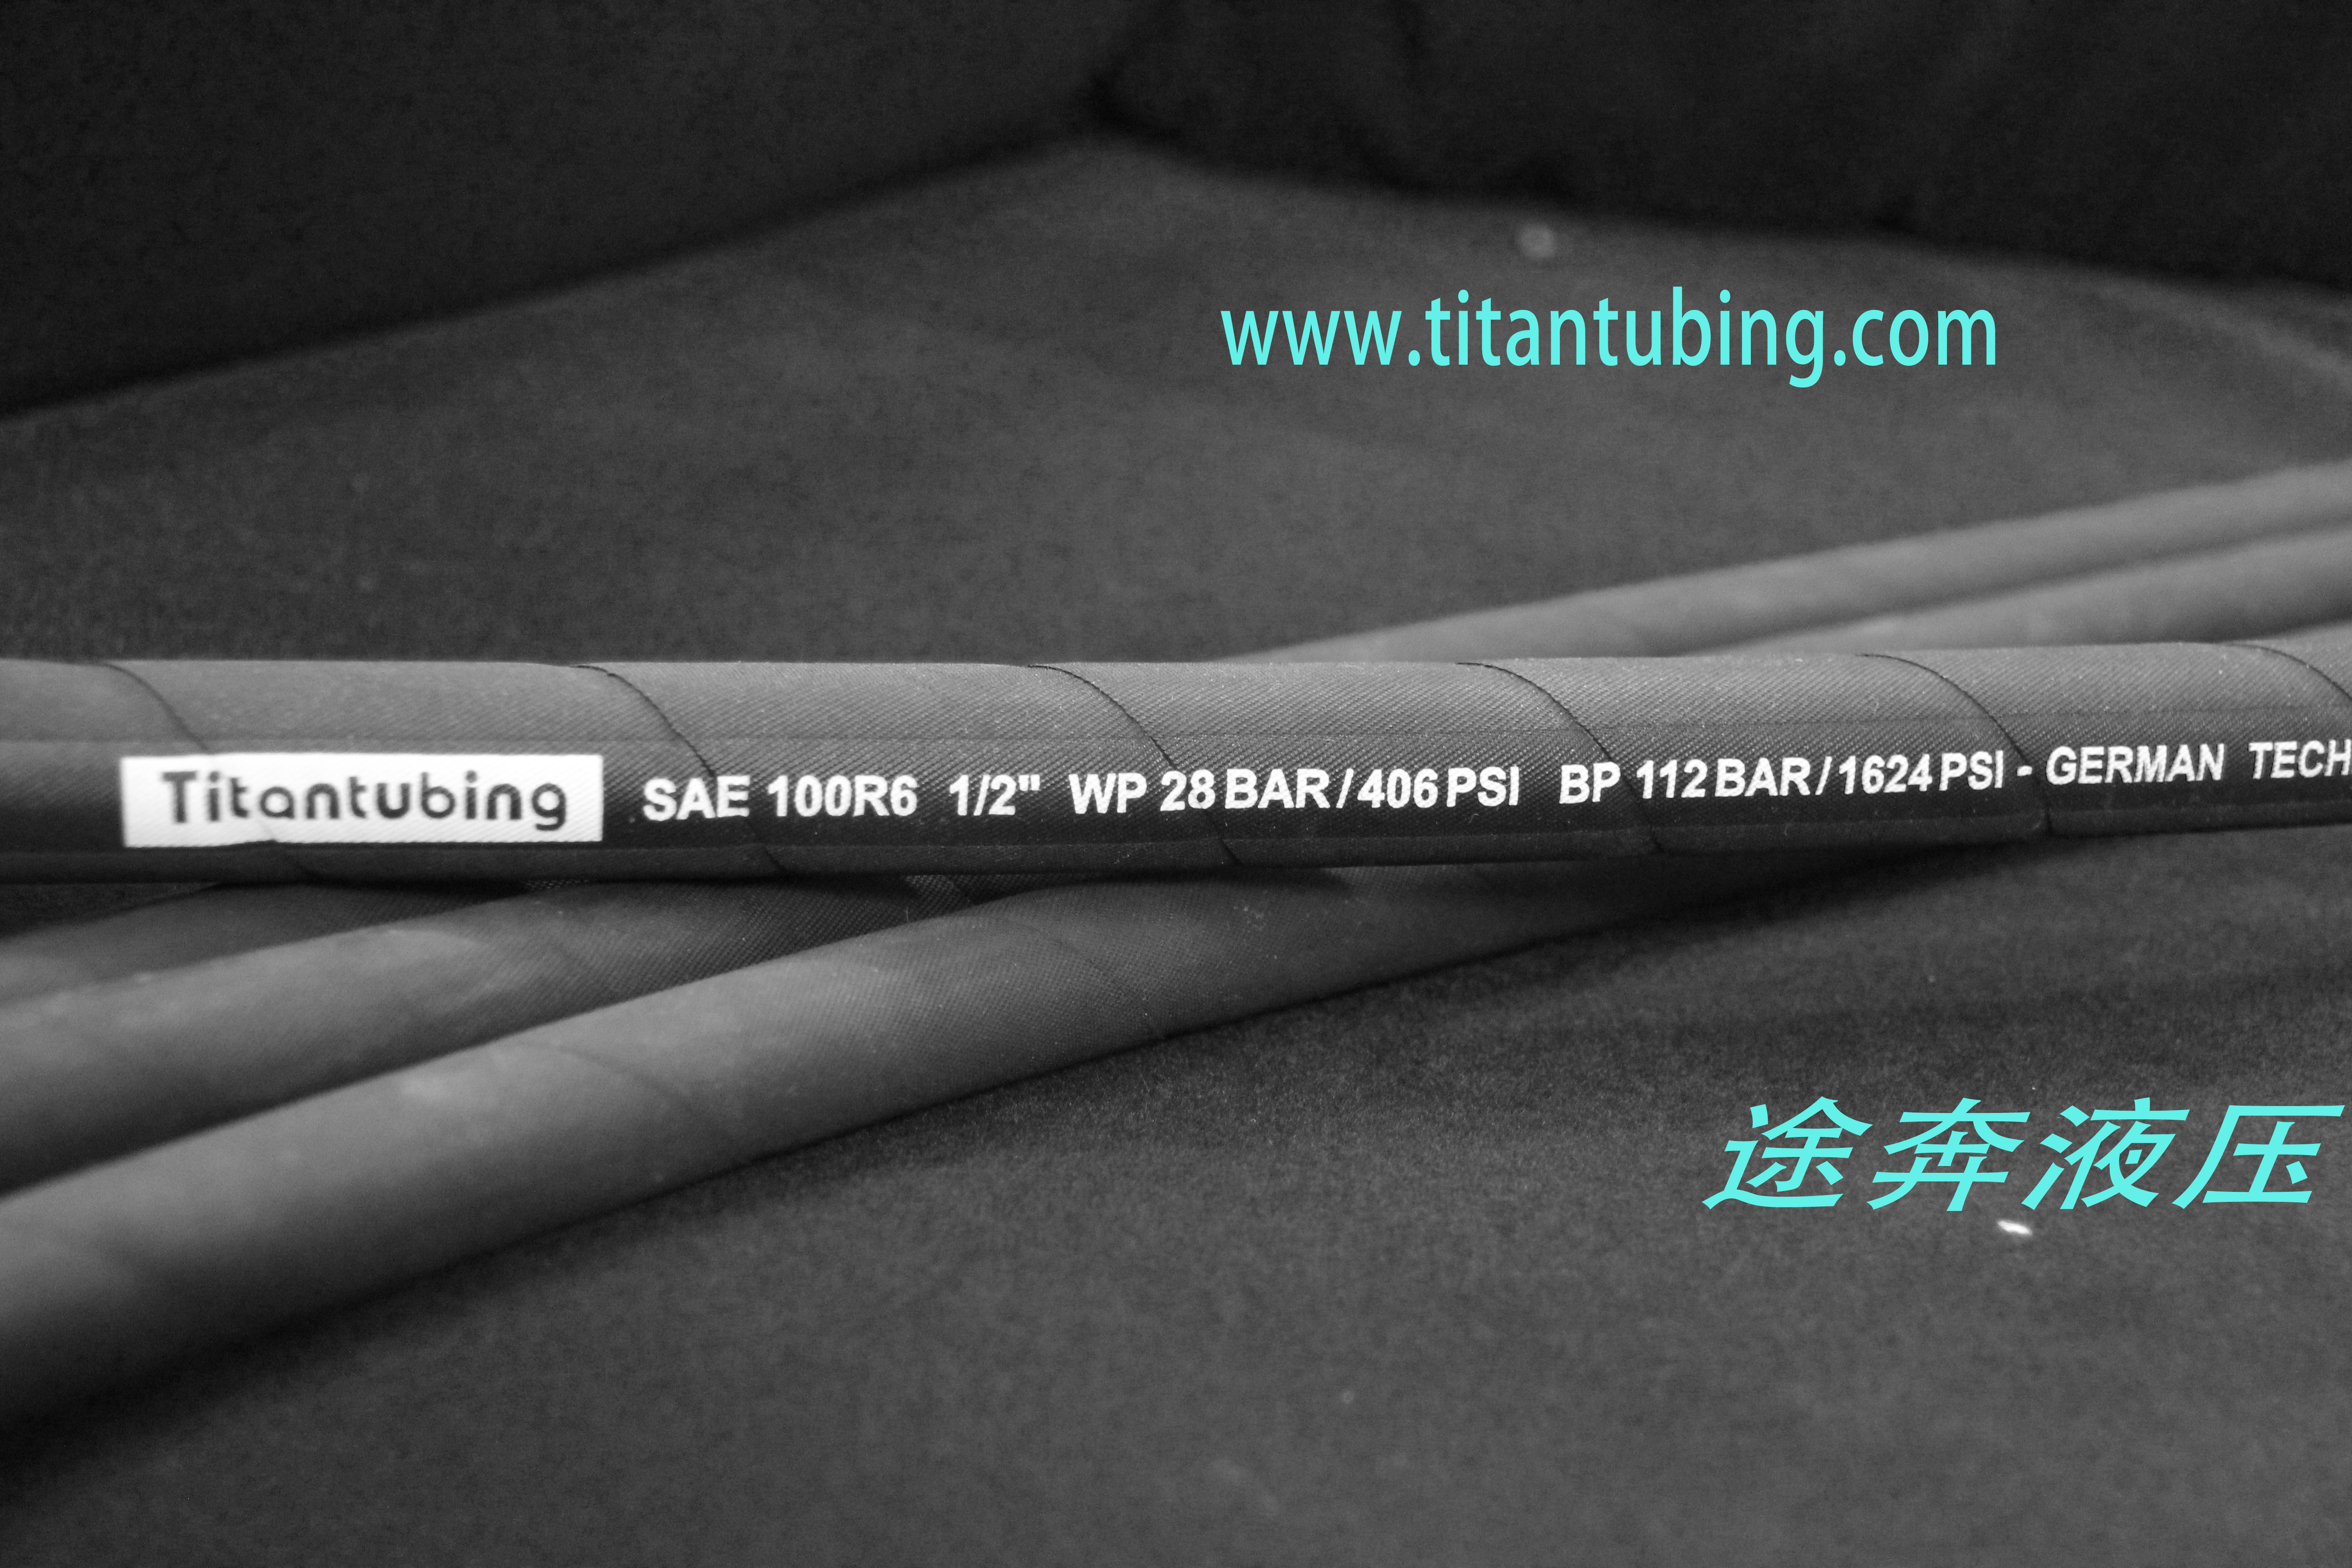 广州橡胶管厂家  橡胶管Rubber hose 橡胶防爆软管厂家 hydraulic hose 优质橡胶管